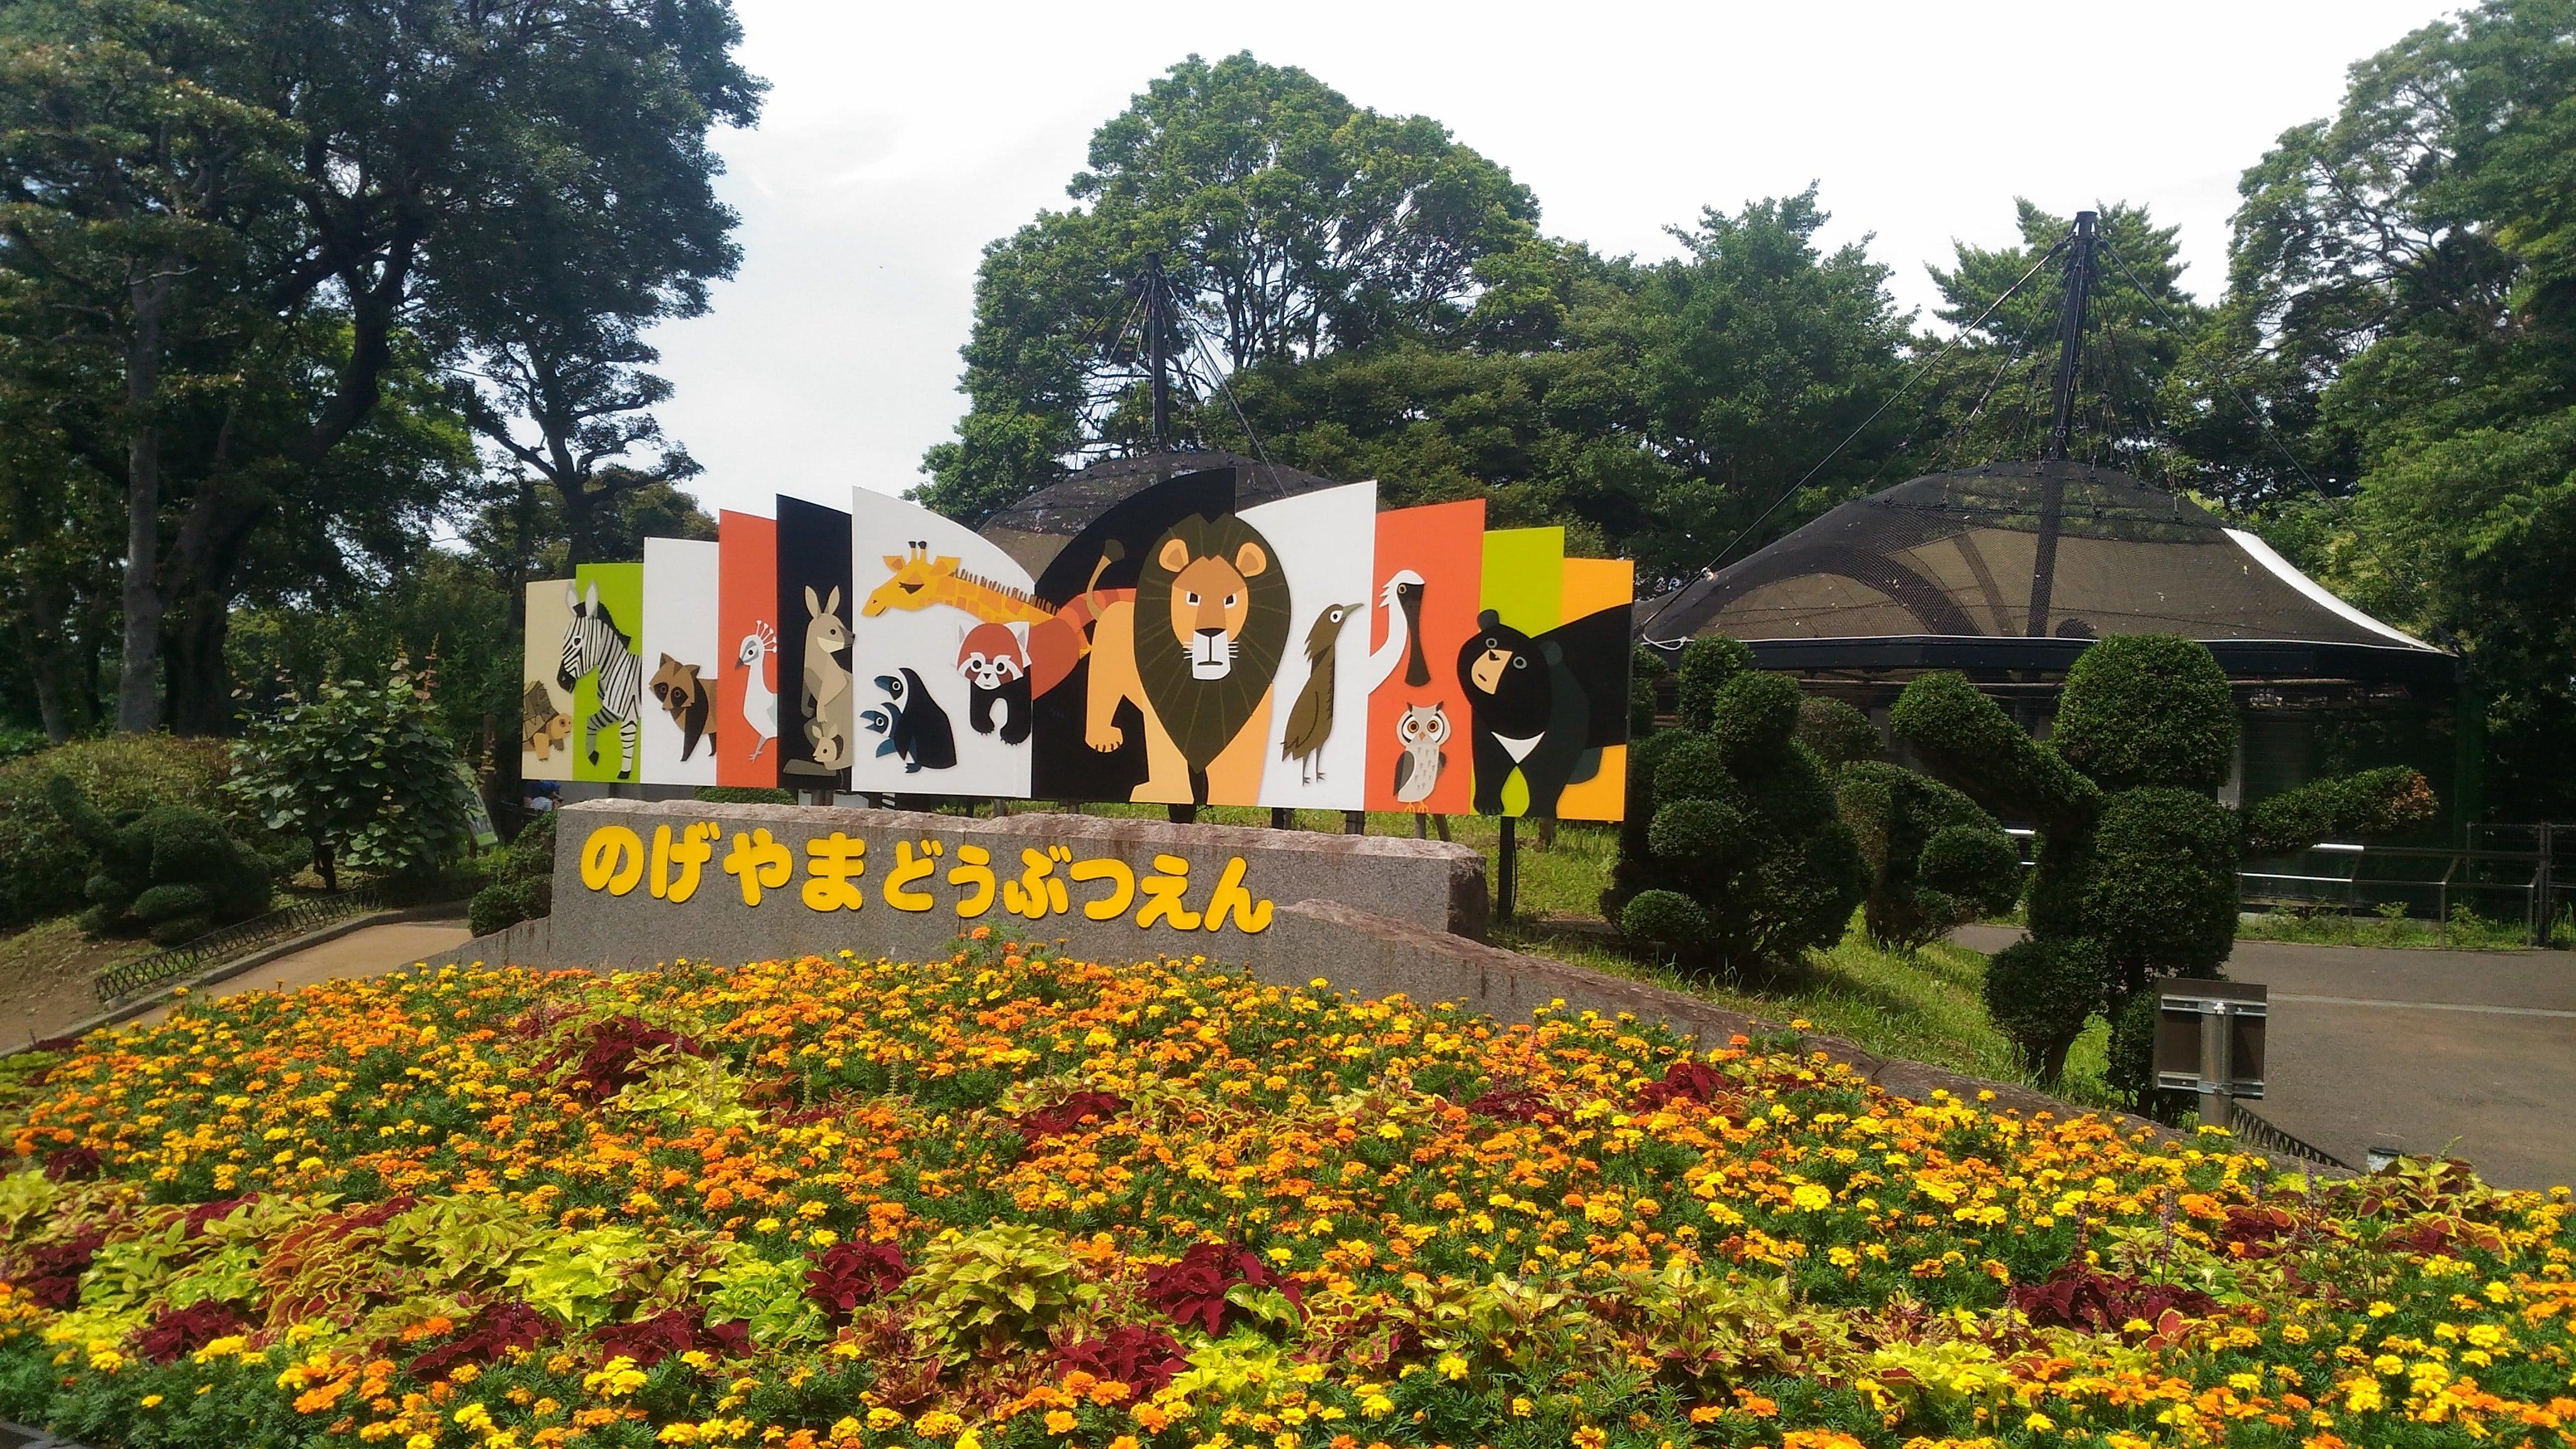 野毛山動物園(のげやまどうぶつえん)